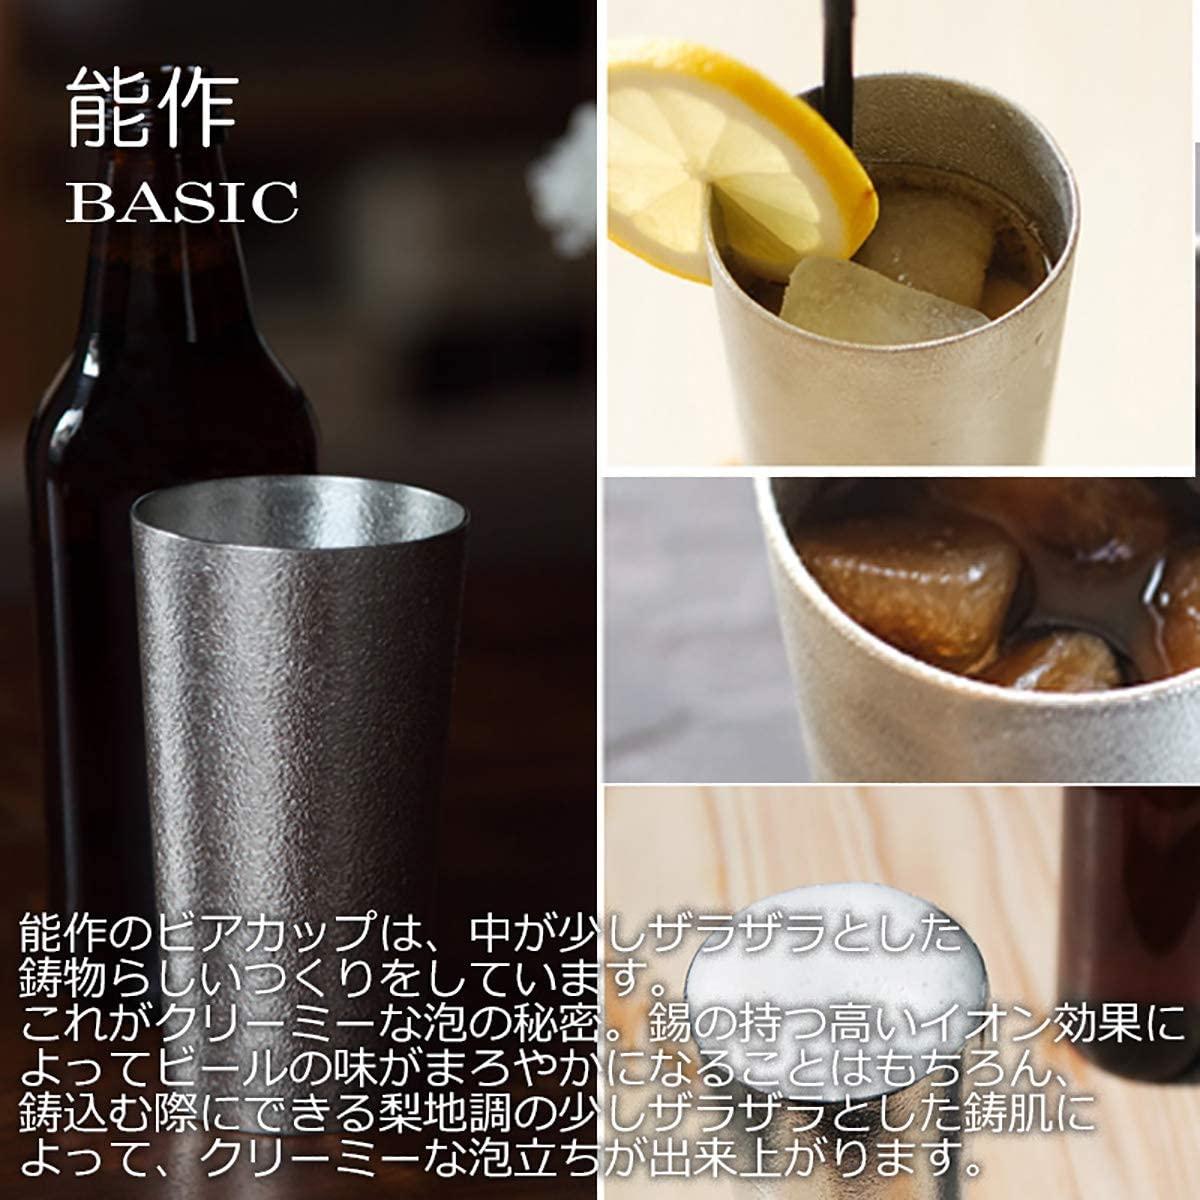 能作(nousaku) ビアカップの商品画像3